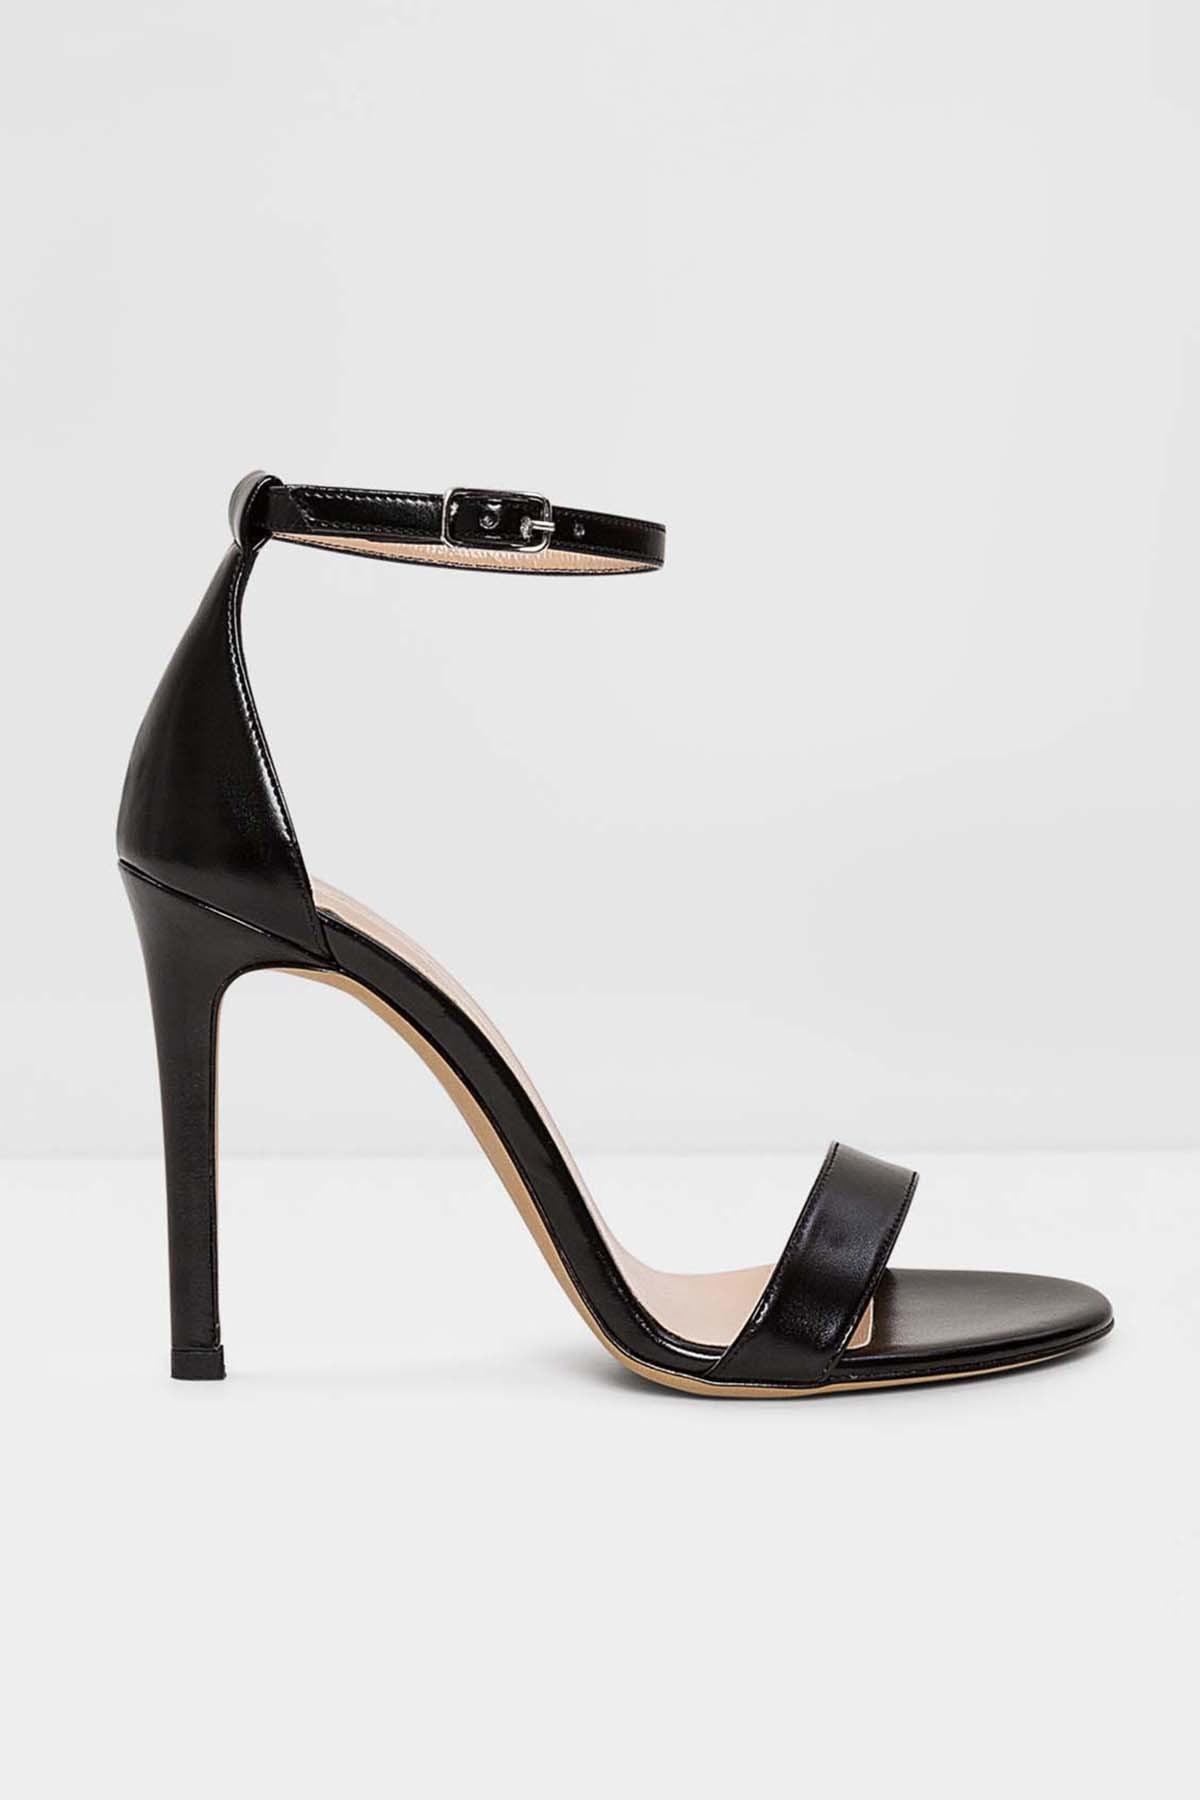 Aldo Paola-tr - Siyah Kadın Abiye Topuklu Sandalet